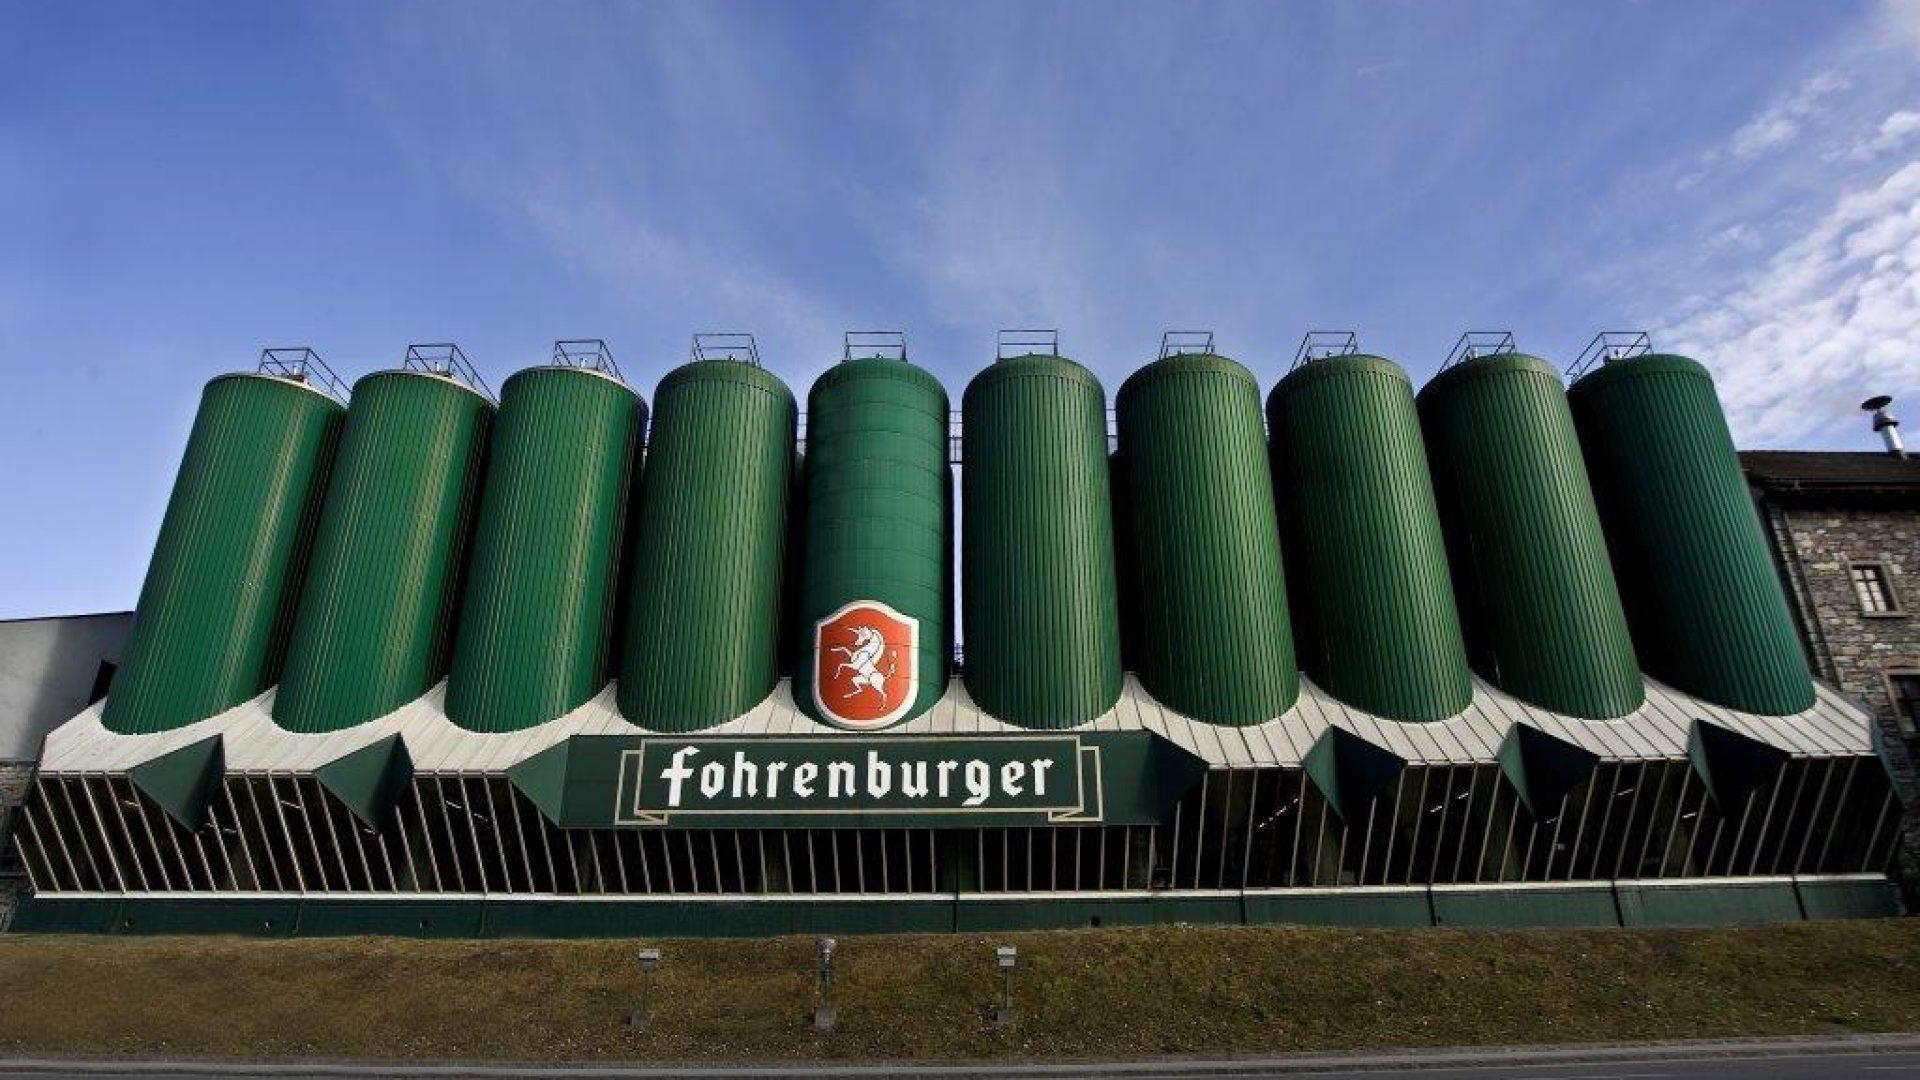 Brauerei Fohrenburg Bludenz